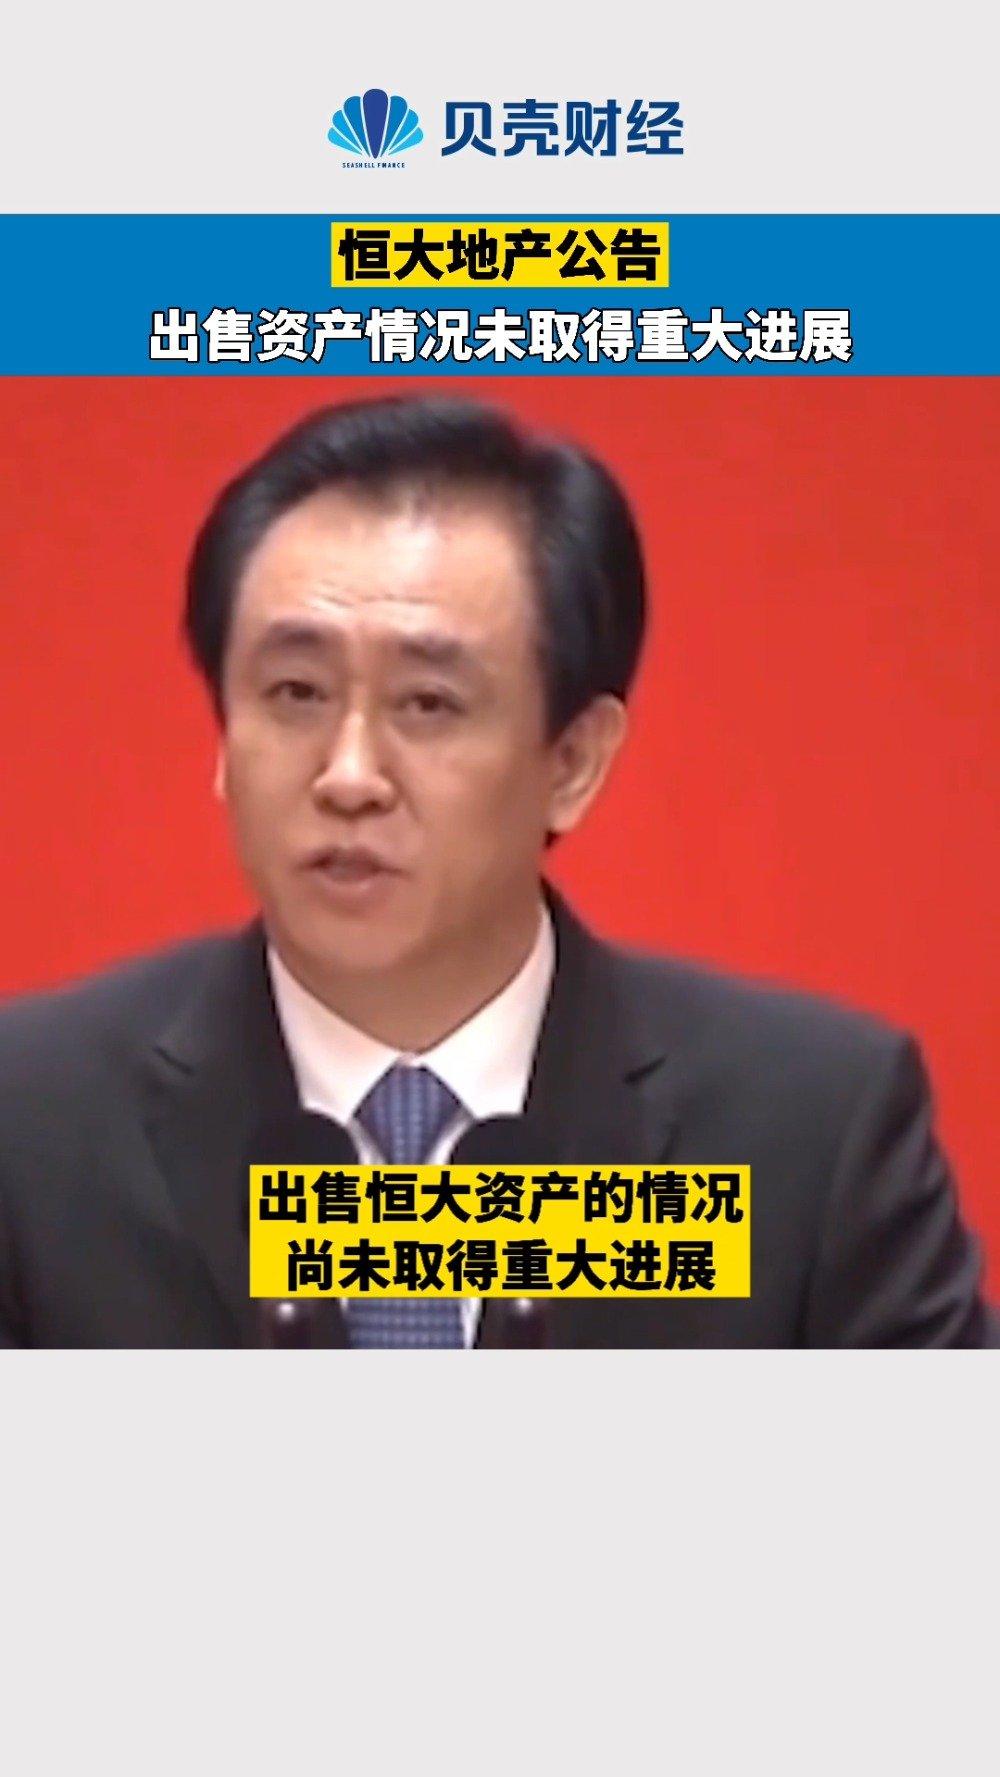 恒大地产集团公告:出售中国恒大资产情况未取得重大进展